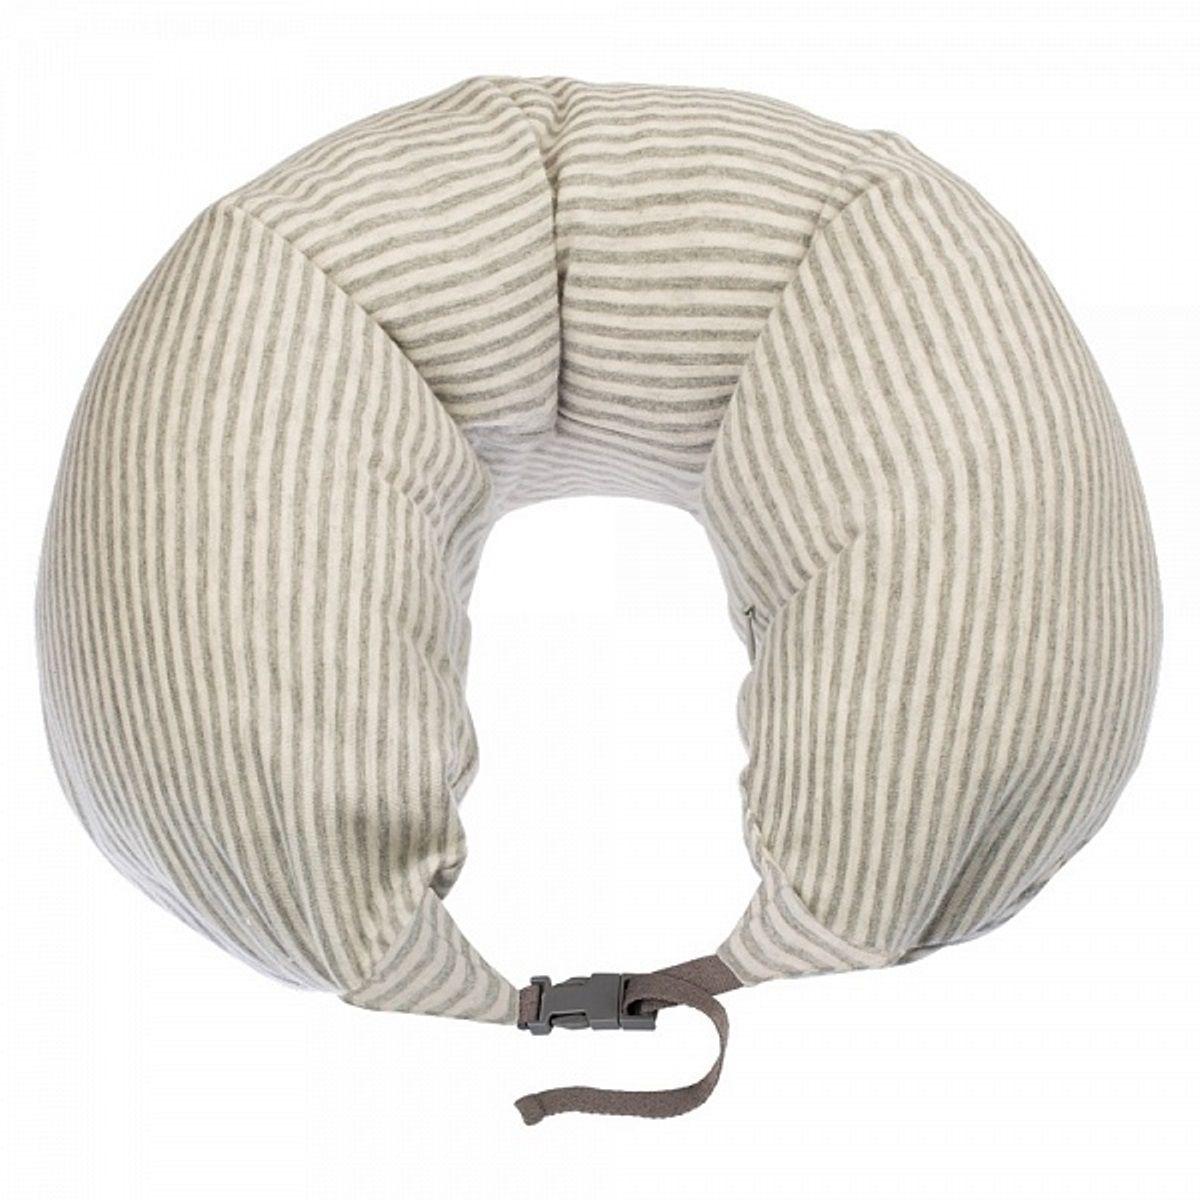 Подушка для шеи Woodsurf La Siesta. Полоска, массажная, цвет: светло-серый гамаки la siesta гамак двухместный currambera